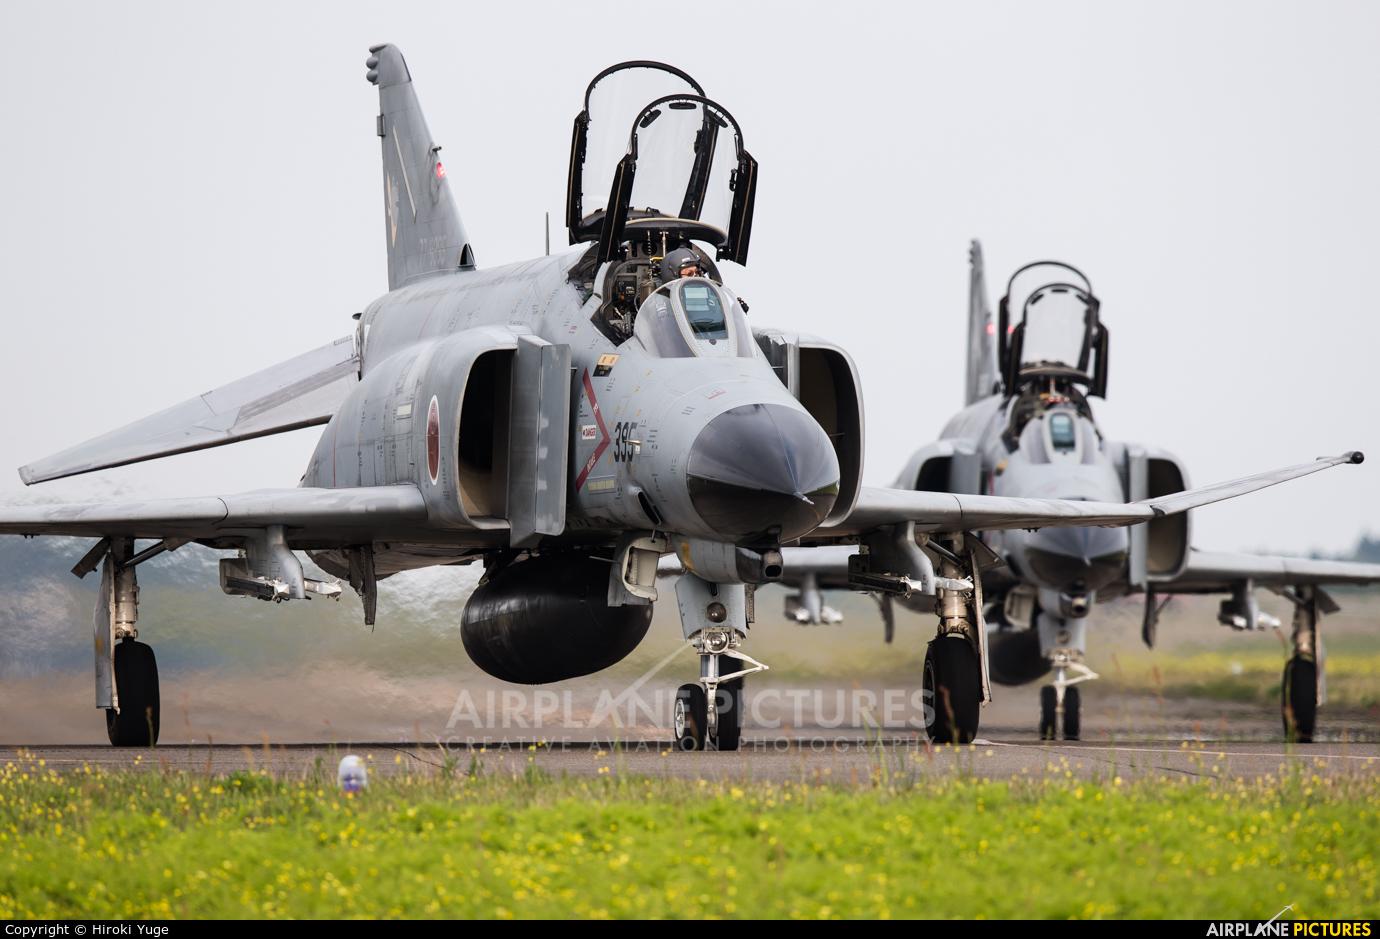 Japan - Air Self Defence Force 77-8395 aircraft at Nyutabaru AB